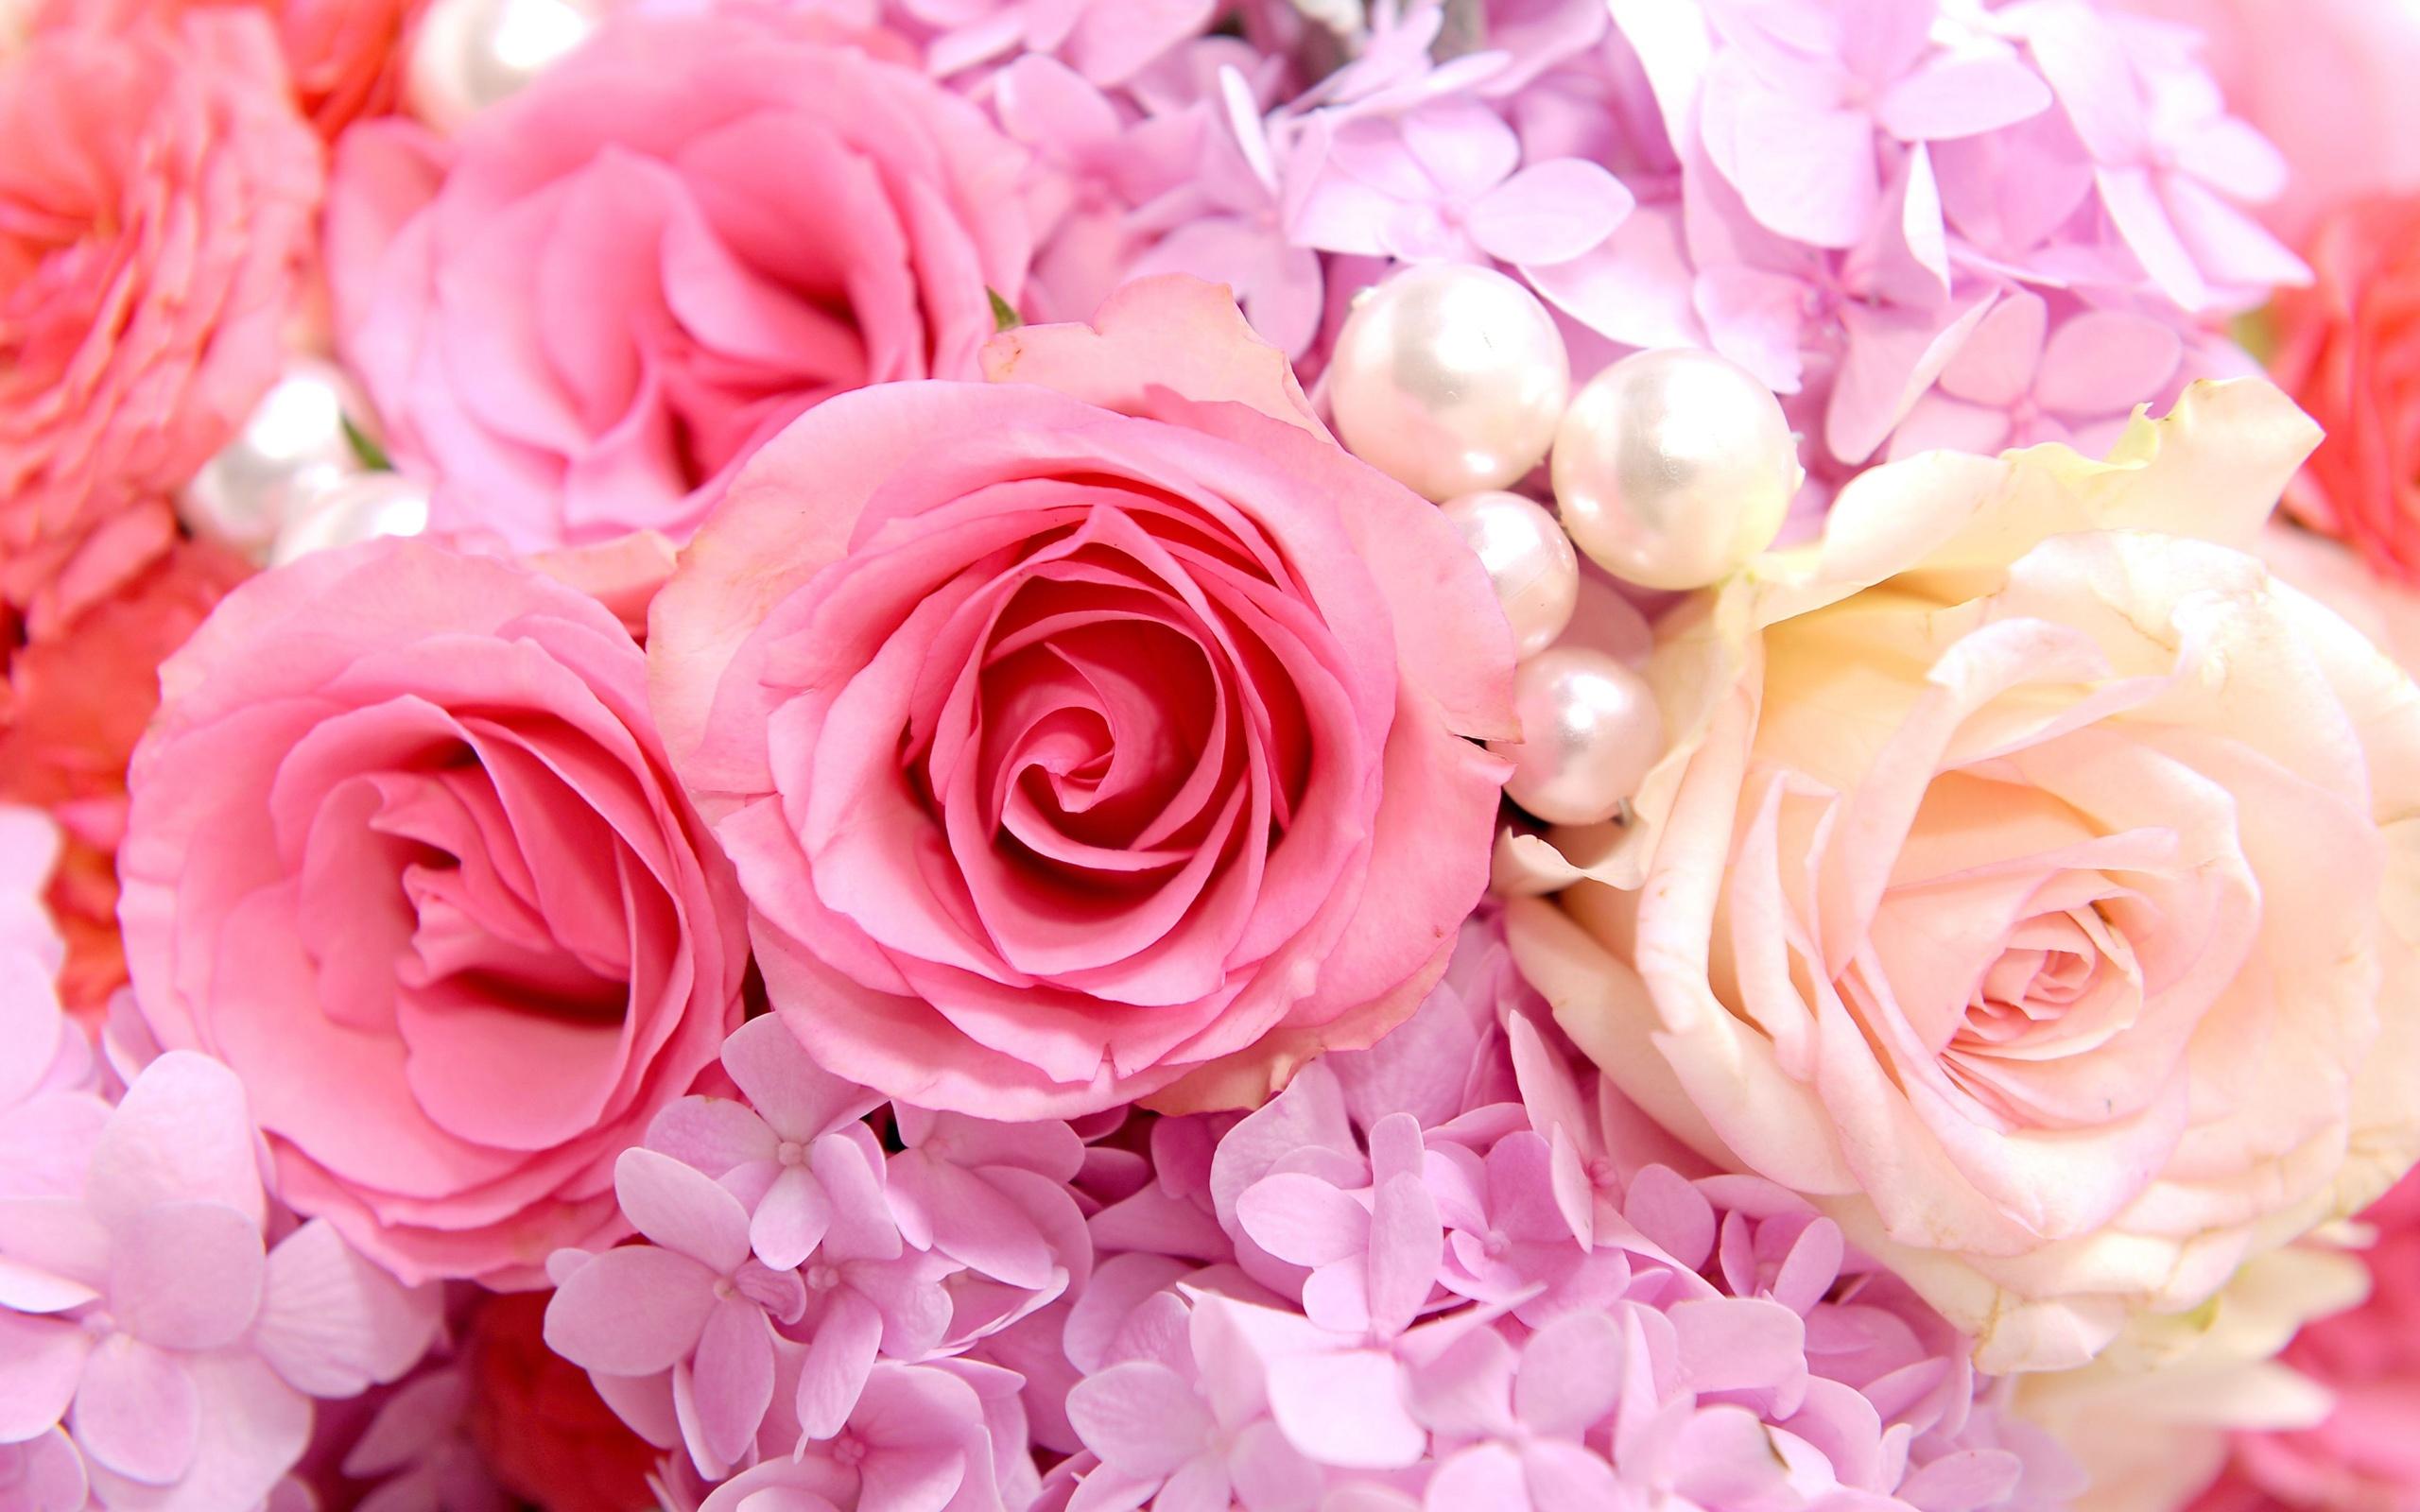 обои для раб стола розовые розы № 583781 загрузить